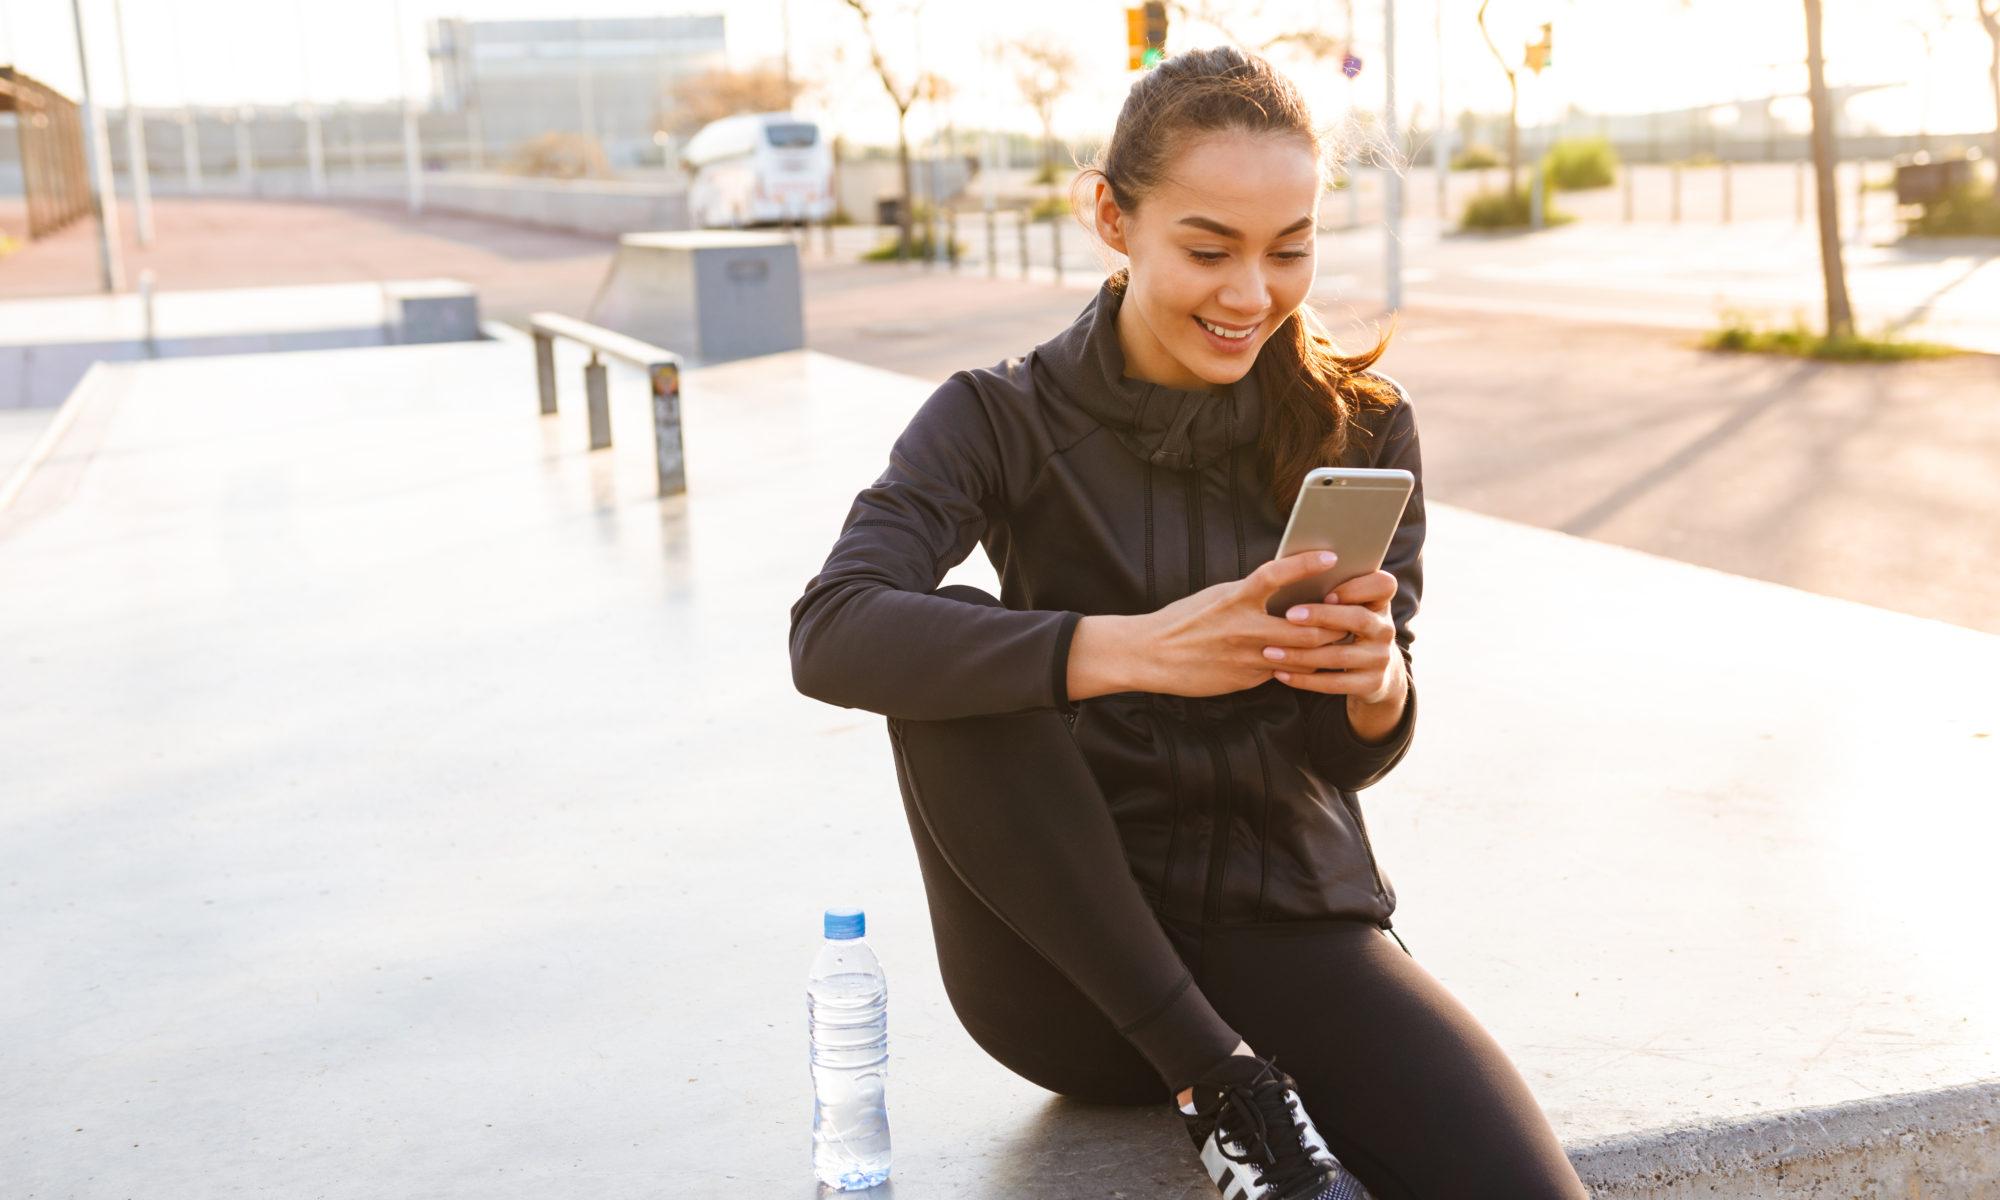 dziewczyna w stroju sportowym ze smartfonem w ręku